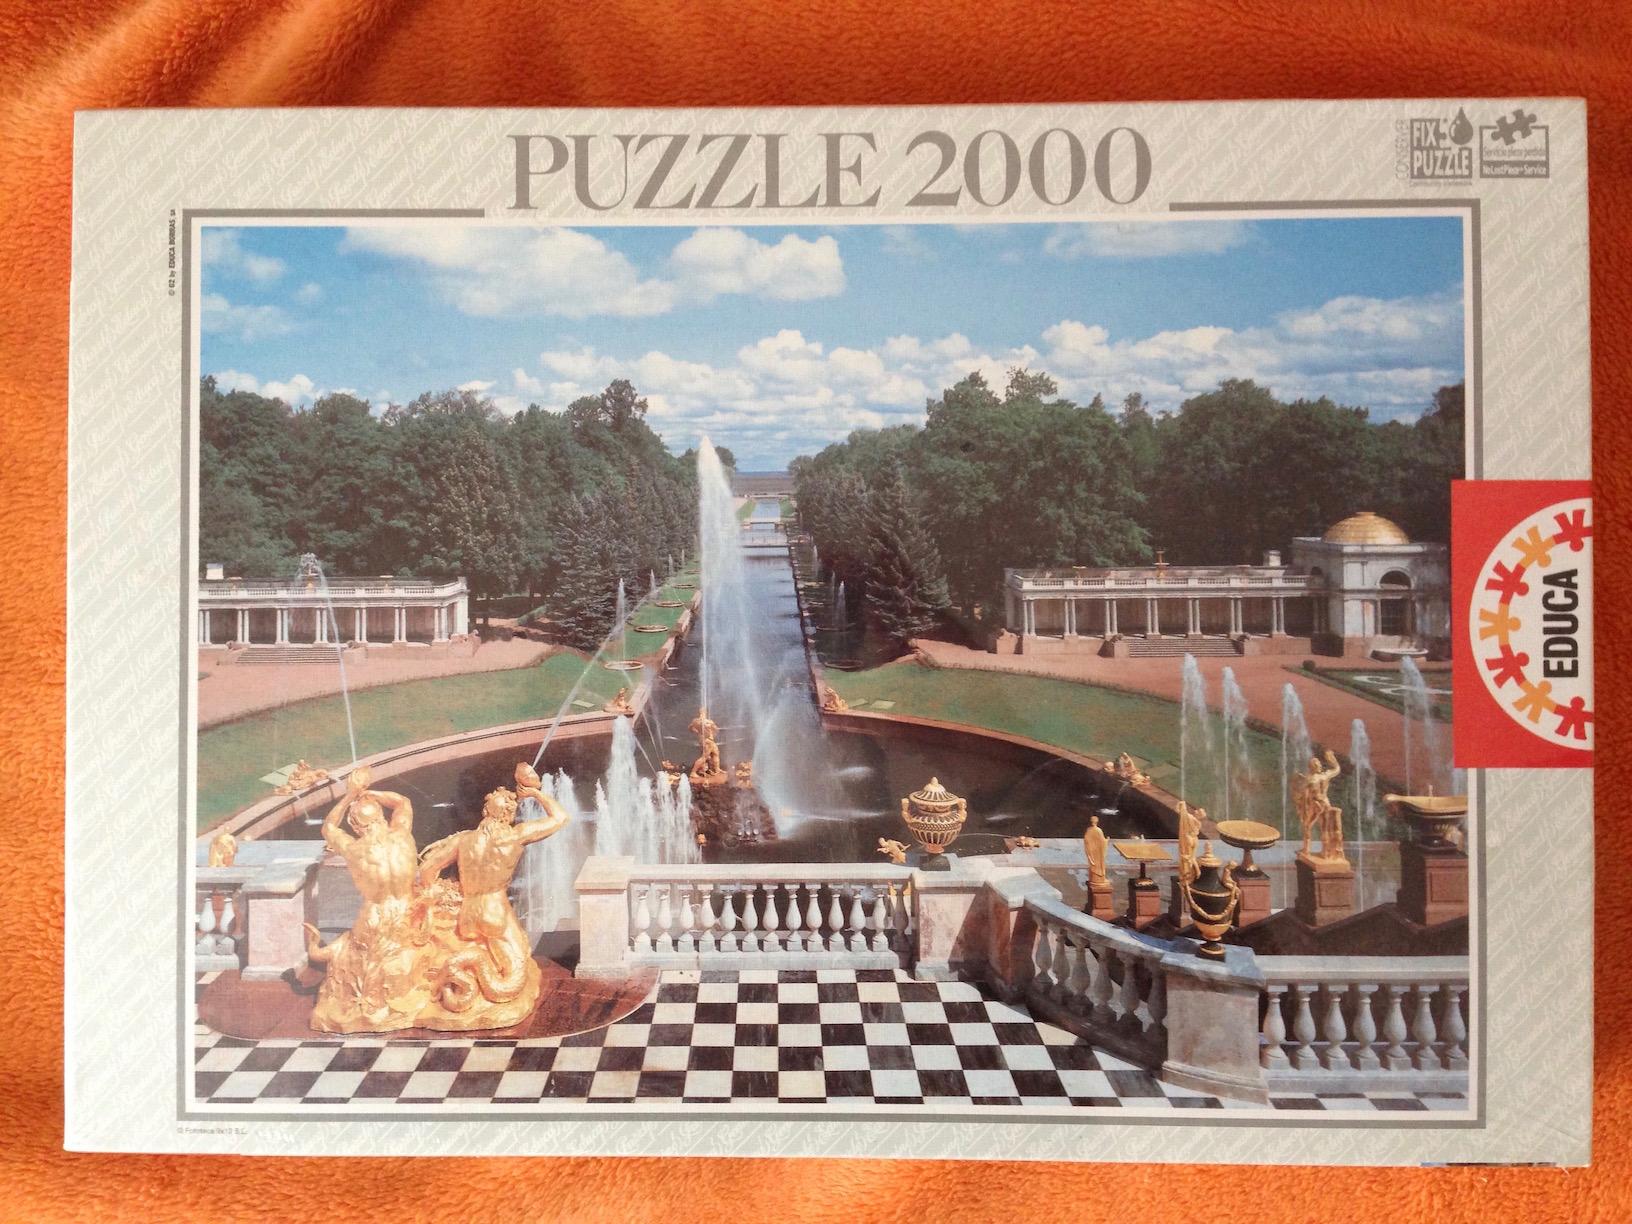 Image of the Puzzle 2000, Educa, Petrodvorets, Saint Petersburg